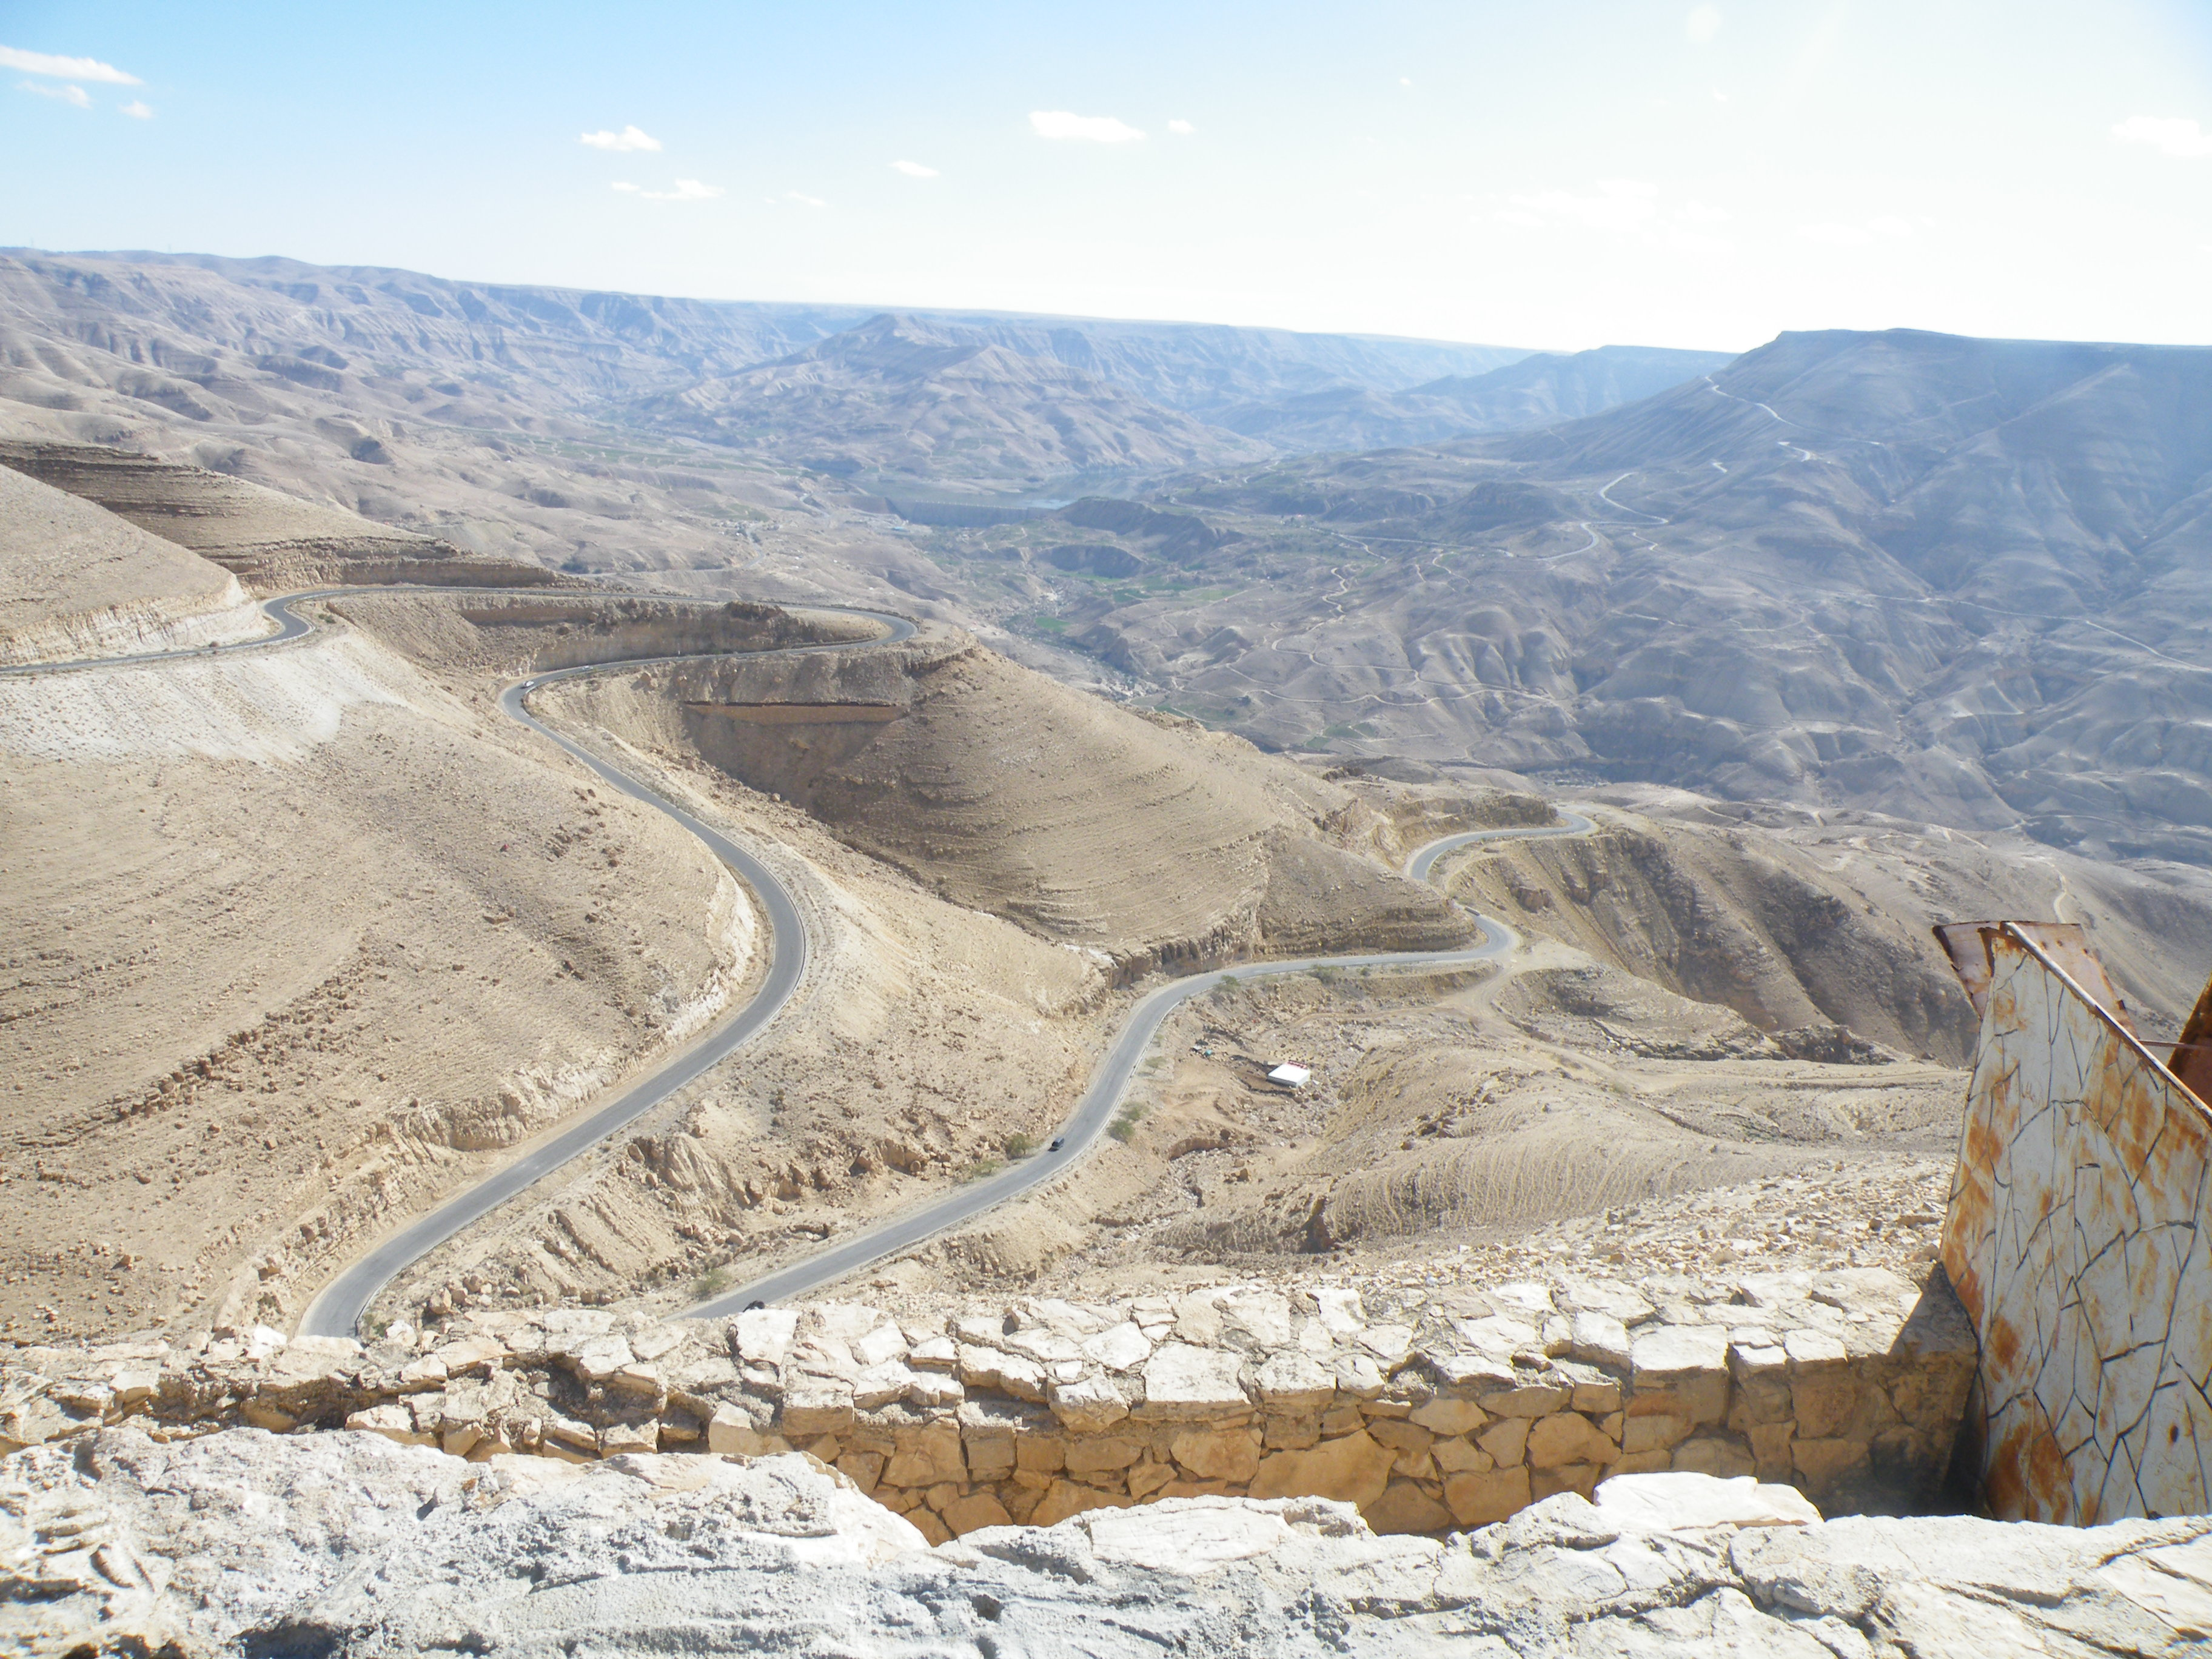 15 - Wadi Mujib